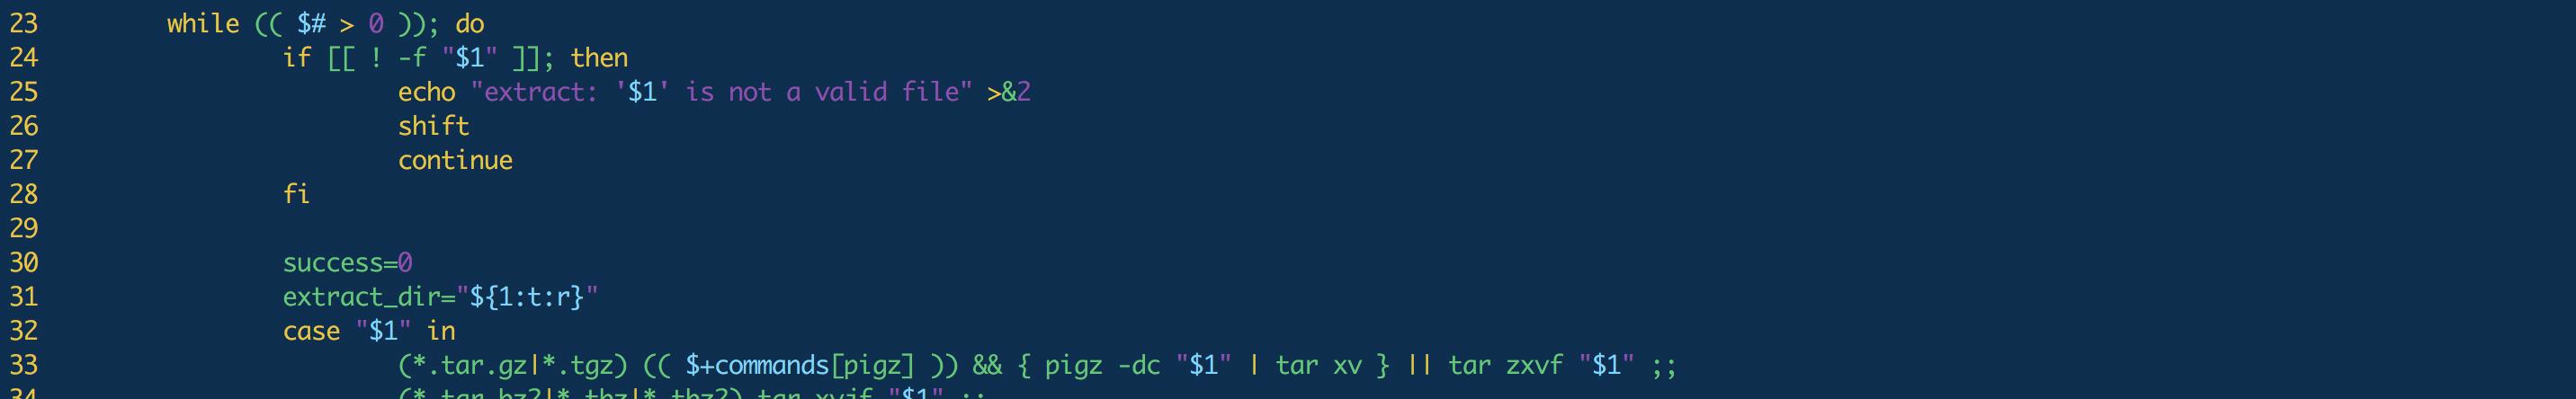 z-mac-terminal-config-sample3